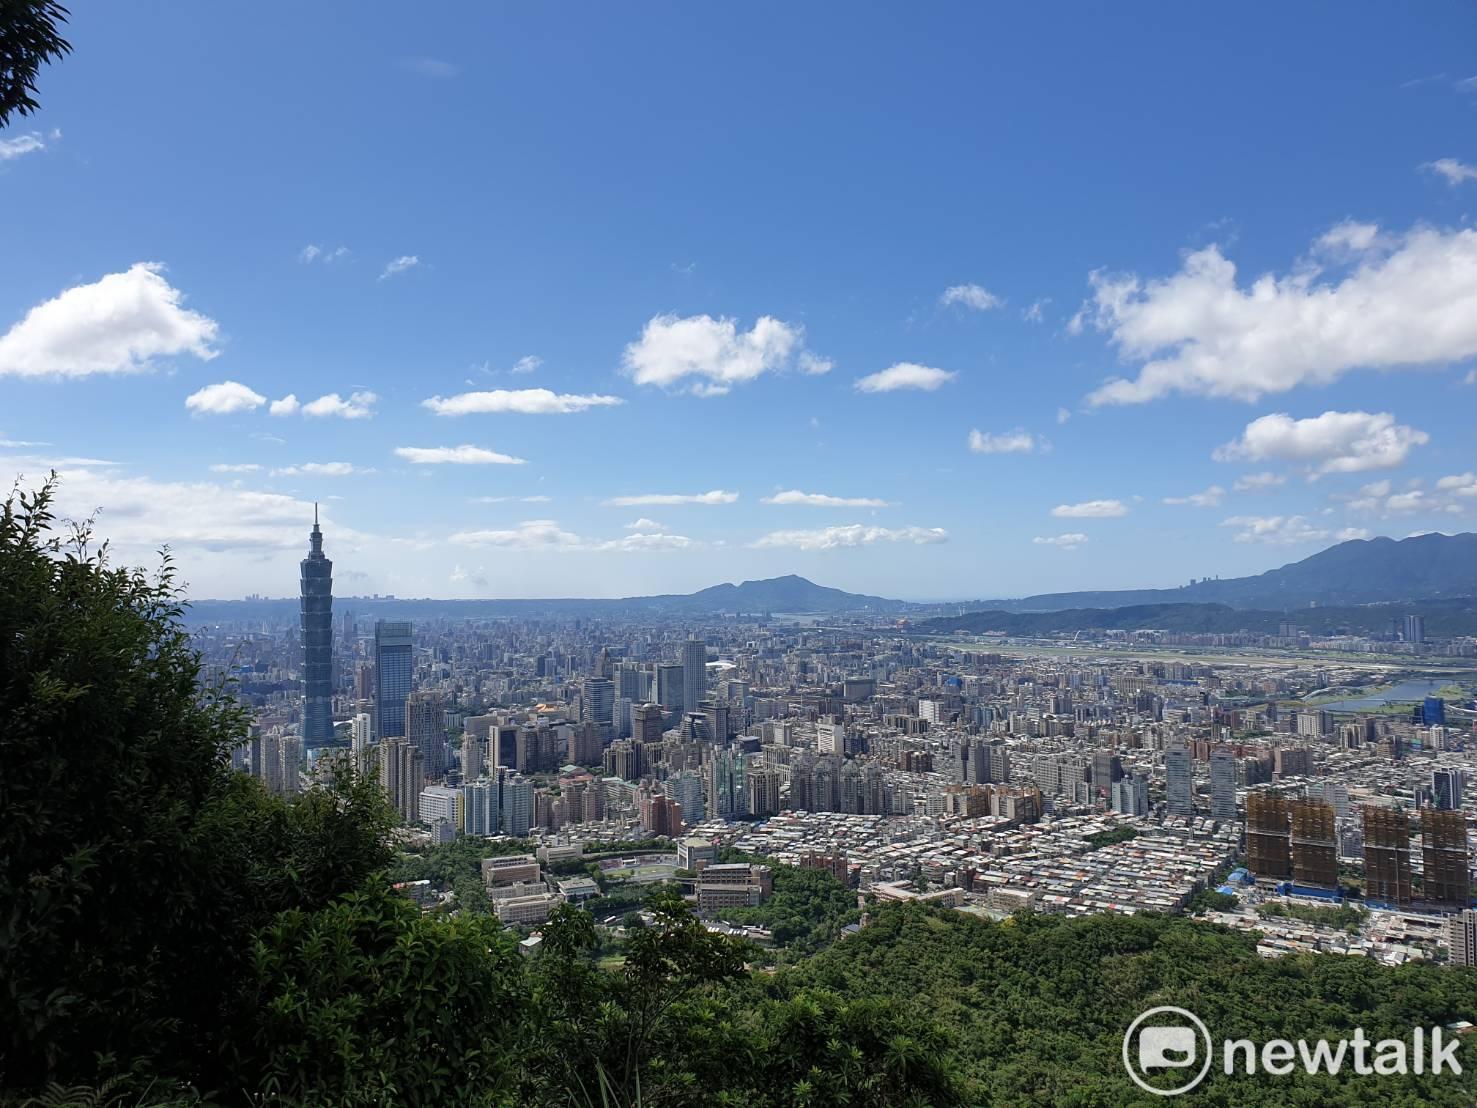 台北市的房價居高不下。圖 : 謝步智 / 攝